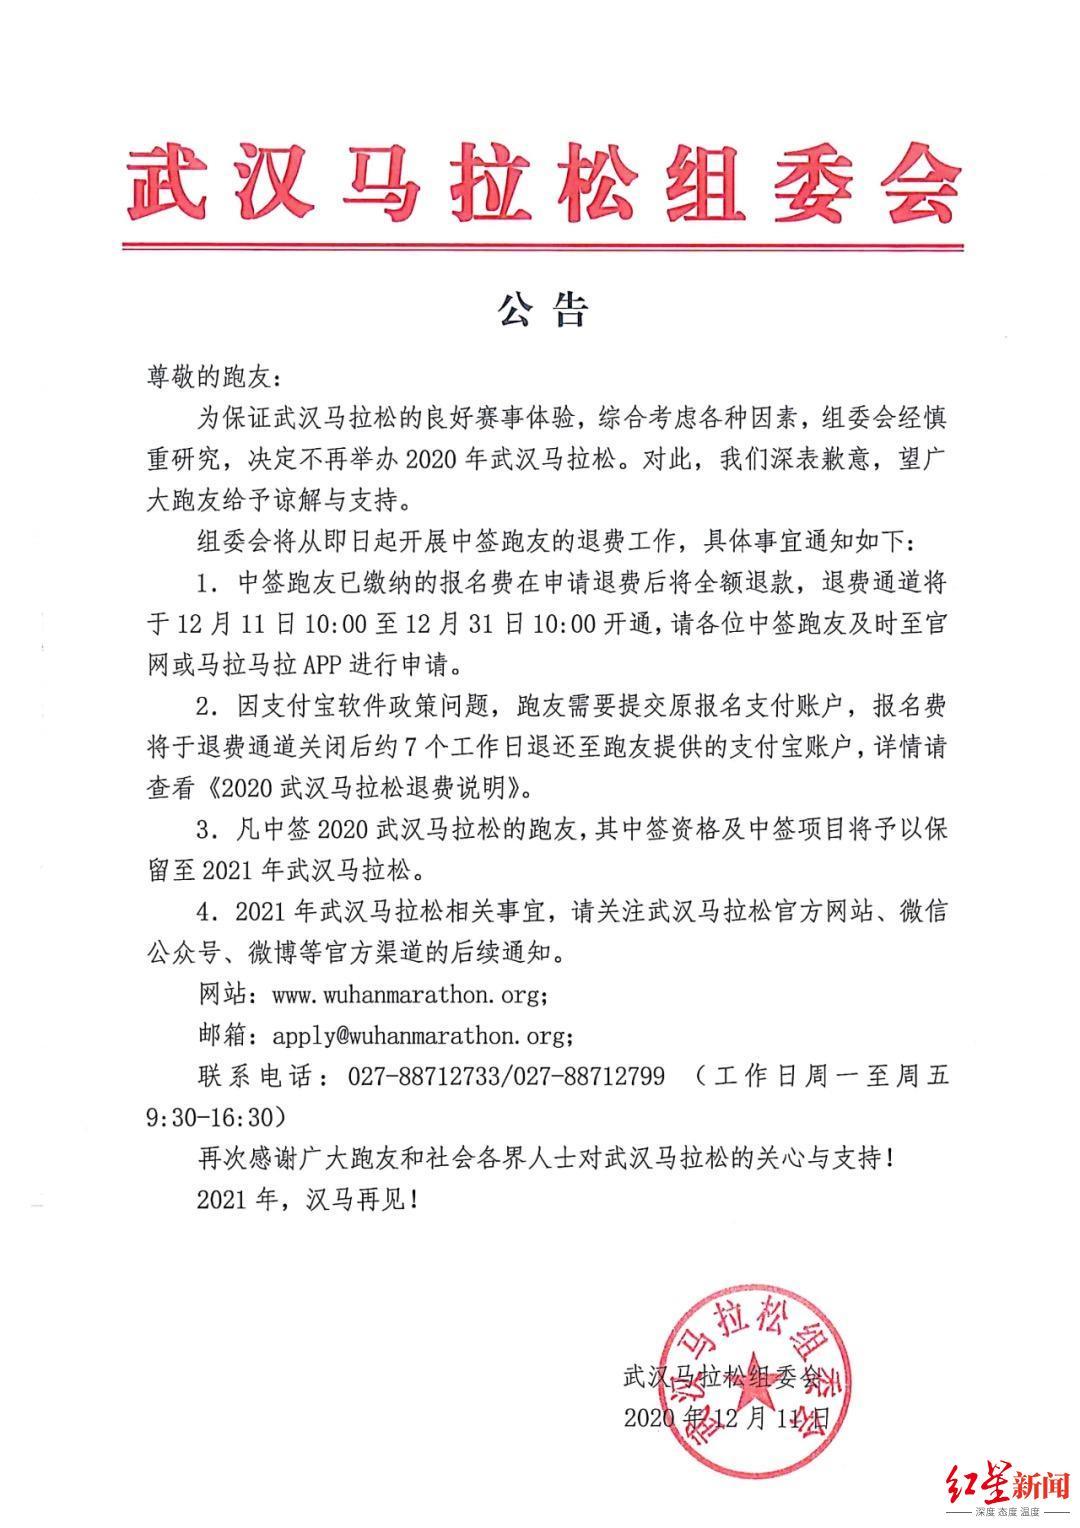 武汉马拉松官宣赛事取消,成都一场迎新跑活动亦取消图片